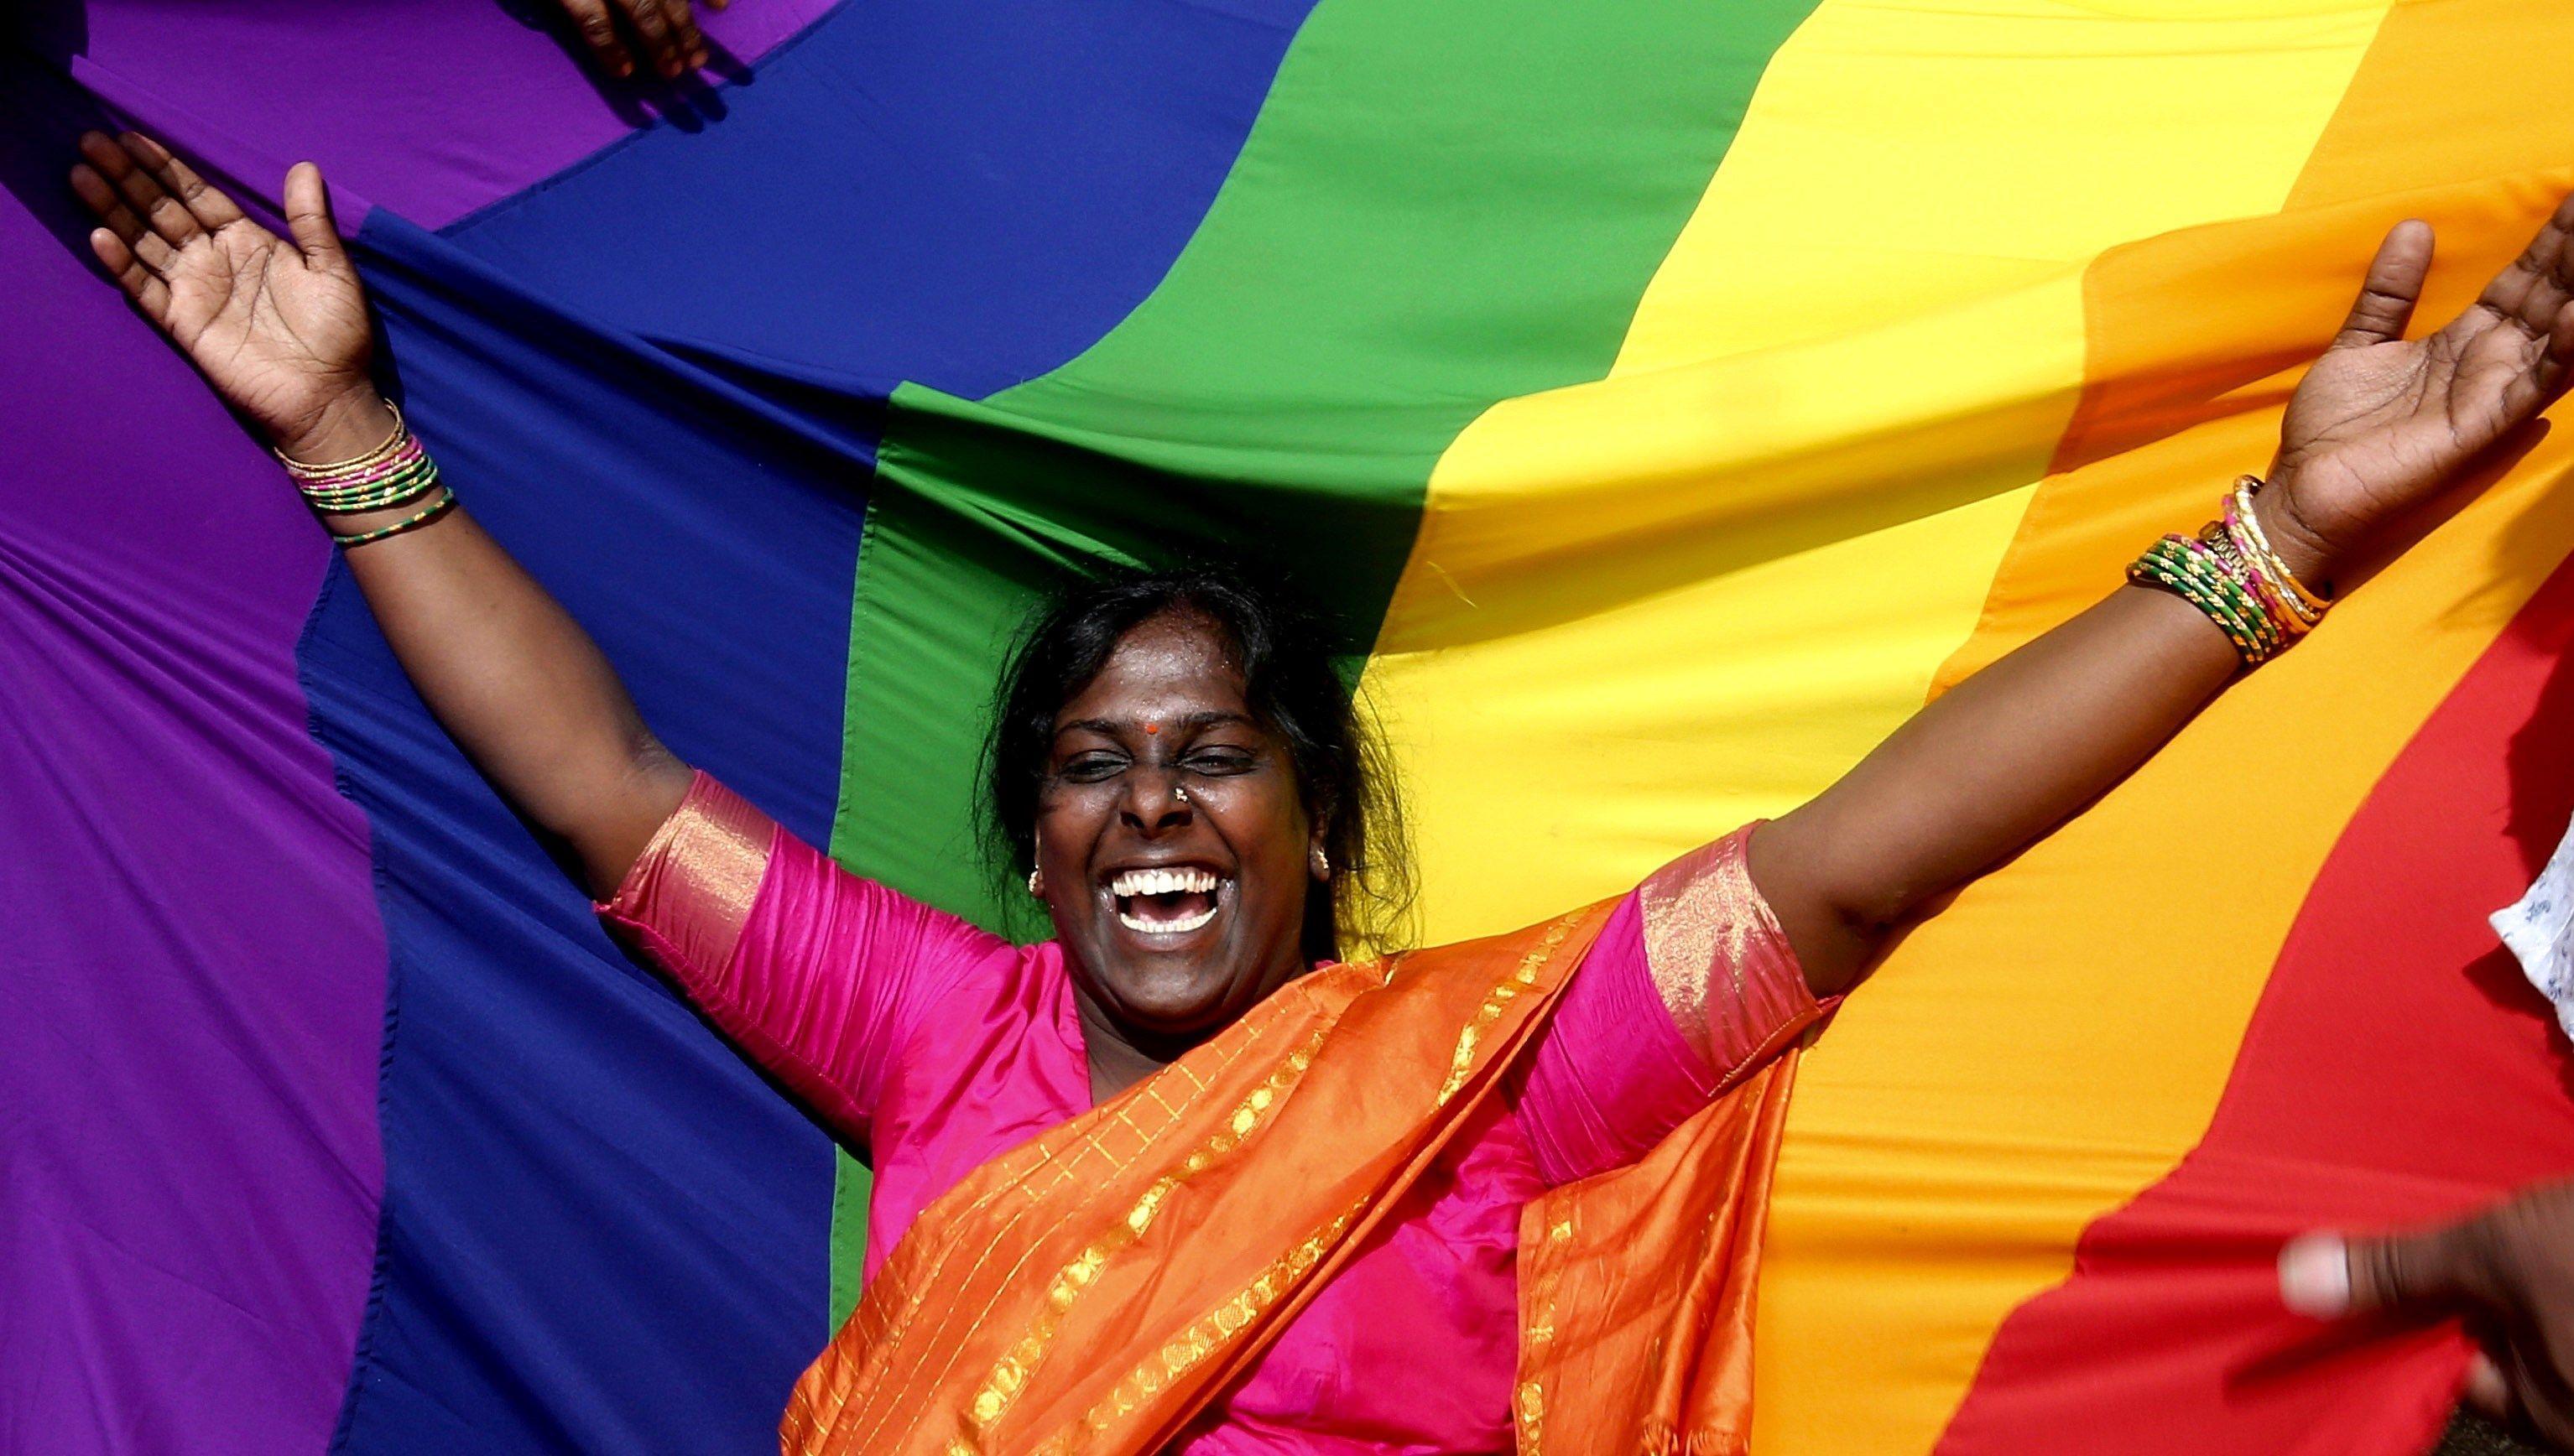 La homosexualidad ya no es un delito en la India.